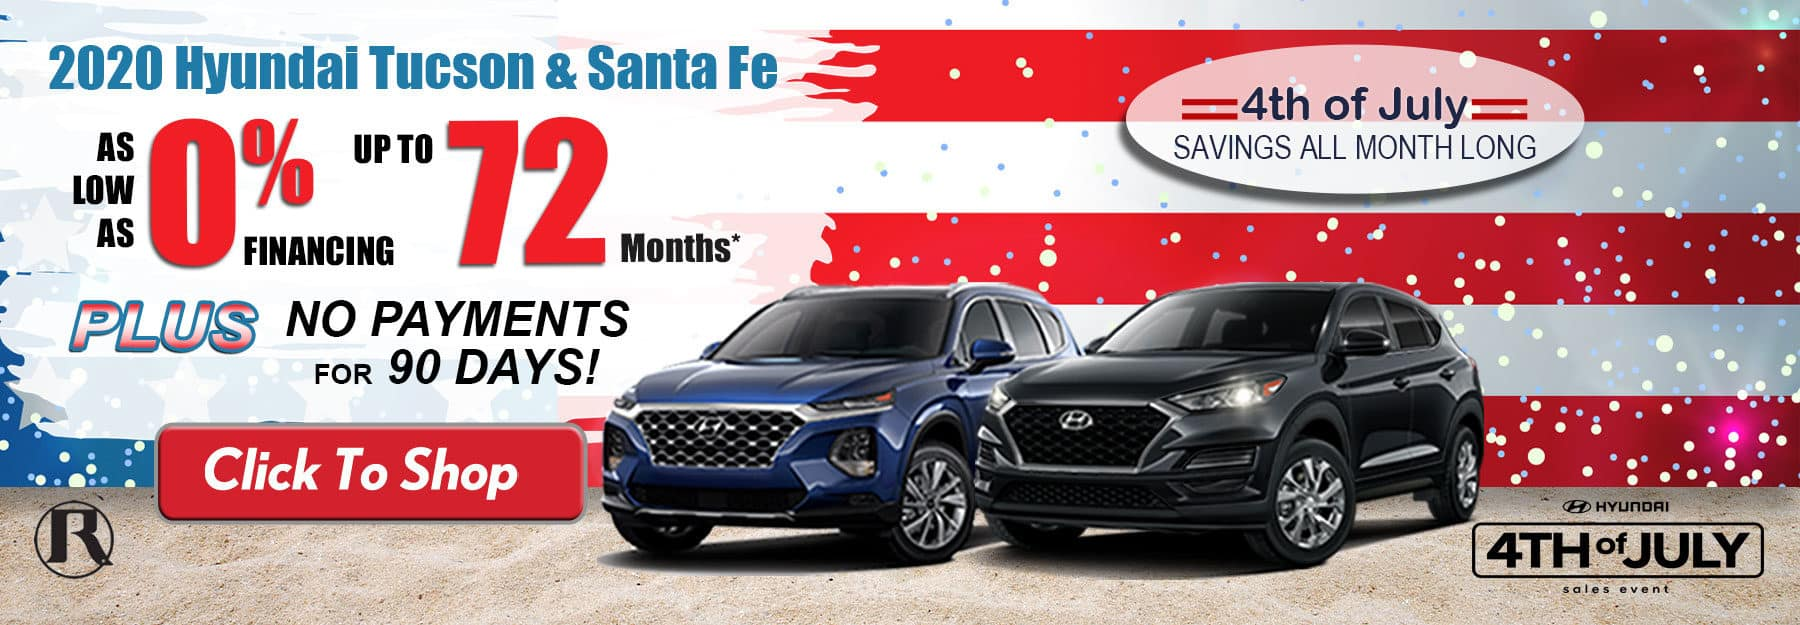 Hyundai Tucson and Santa Fe Kansas City